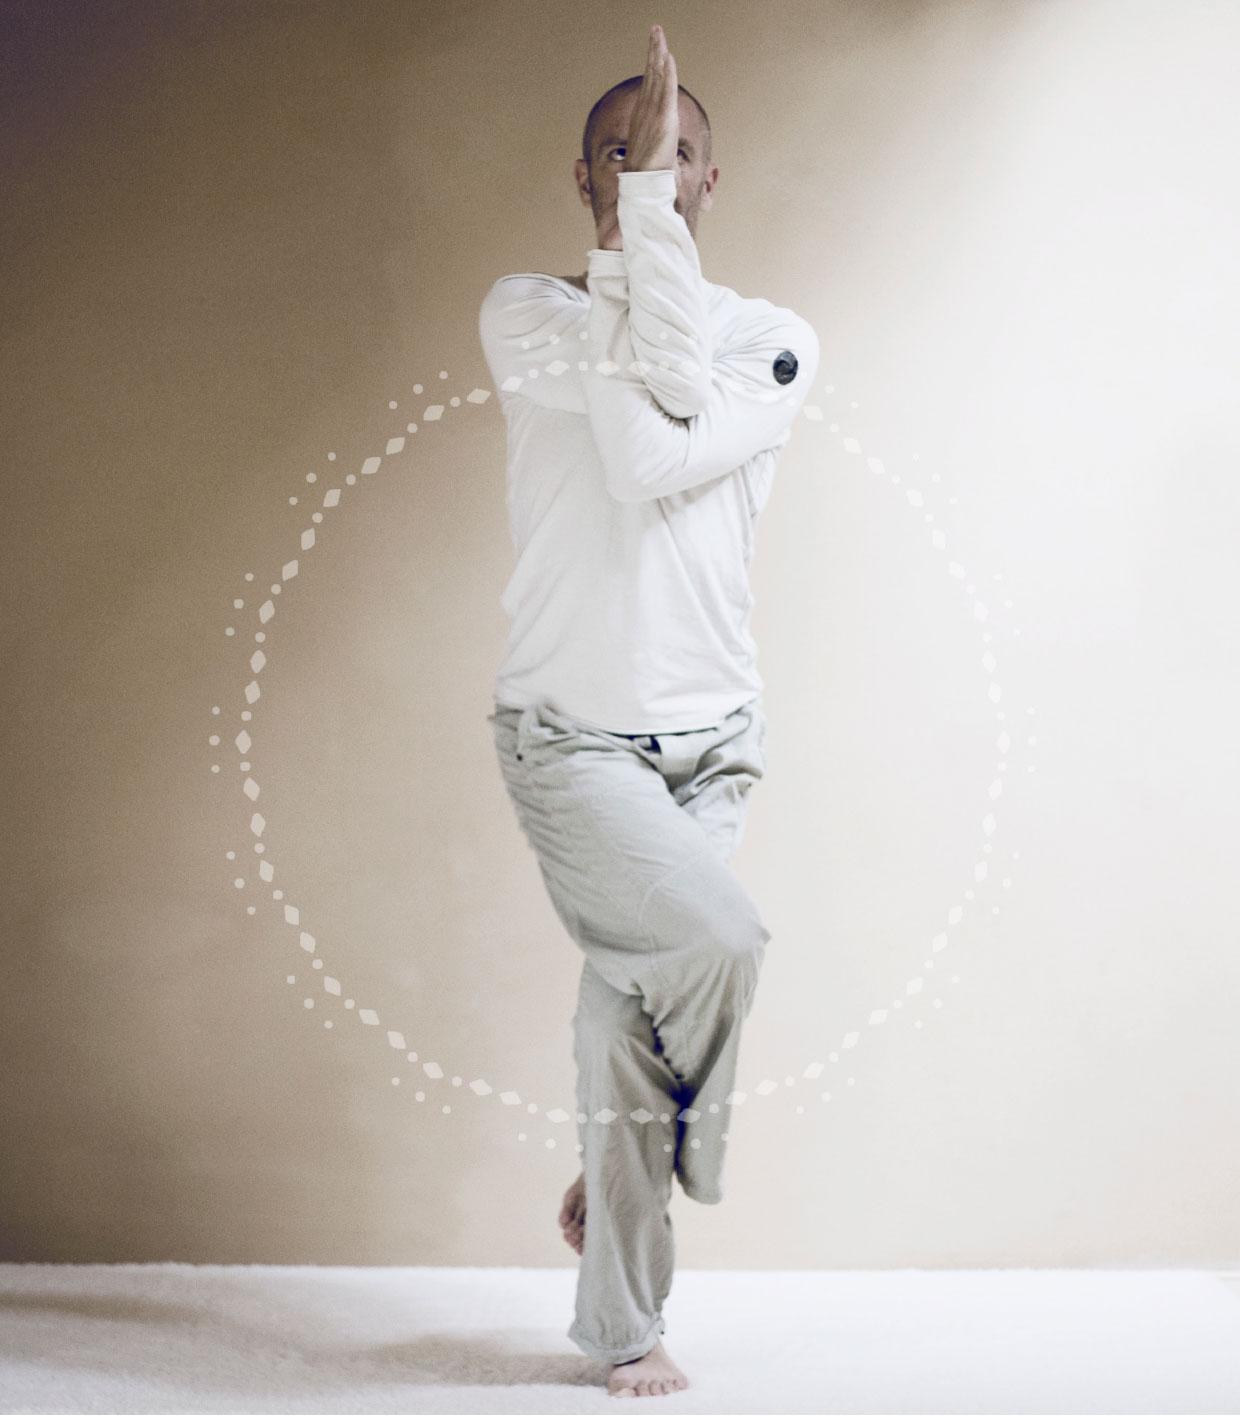 Richard Neururer –Yoga Neururer –Richard Neururer, Slider